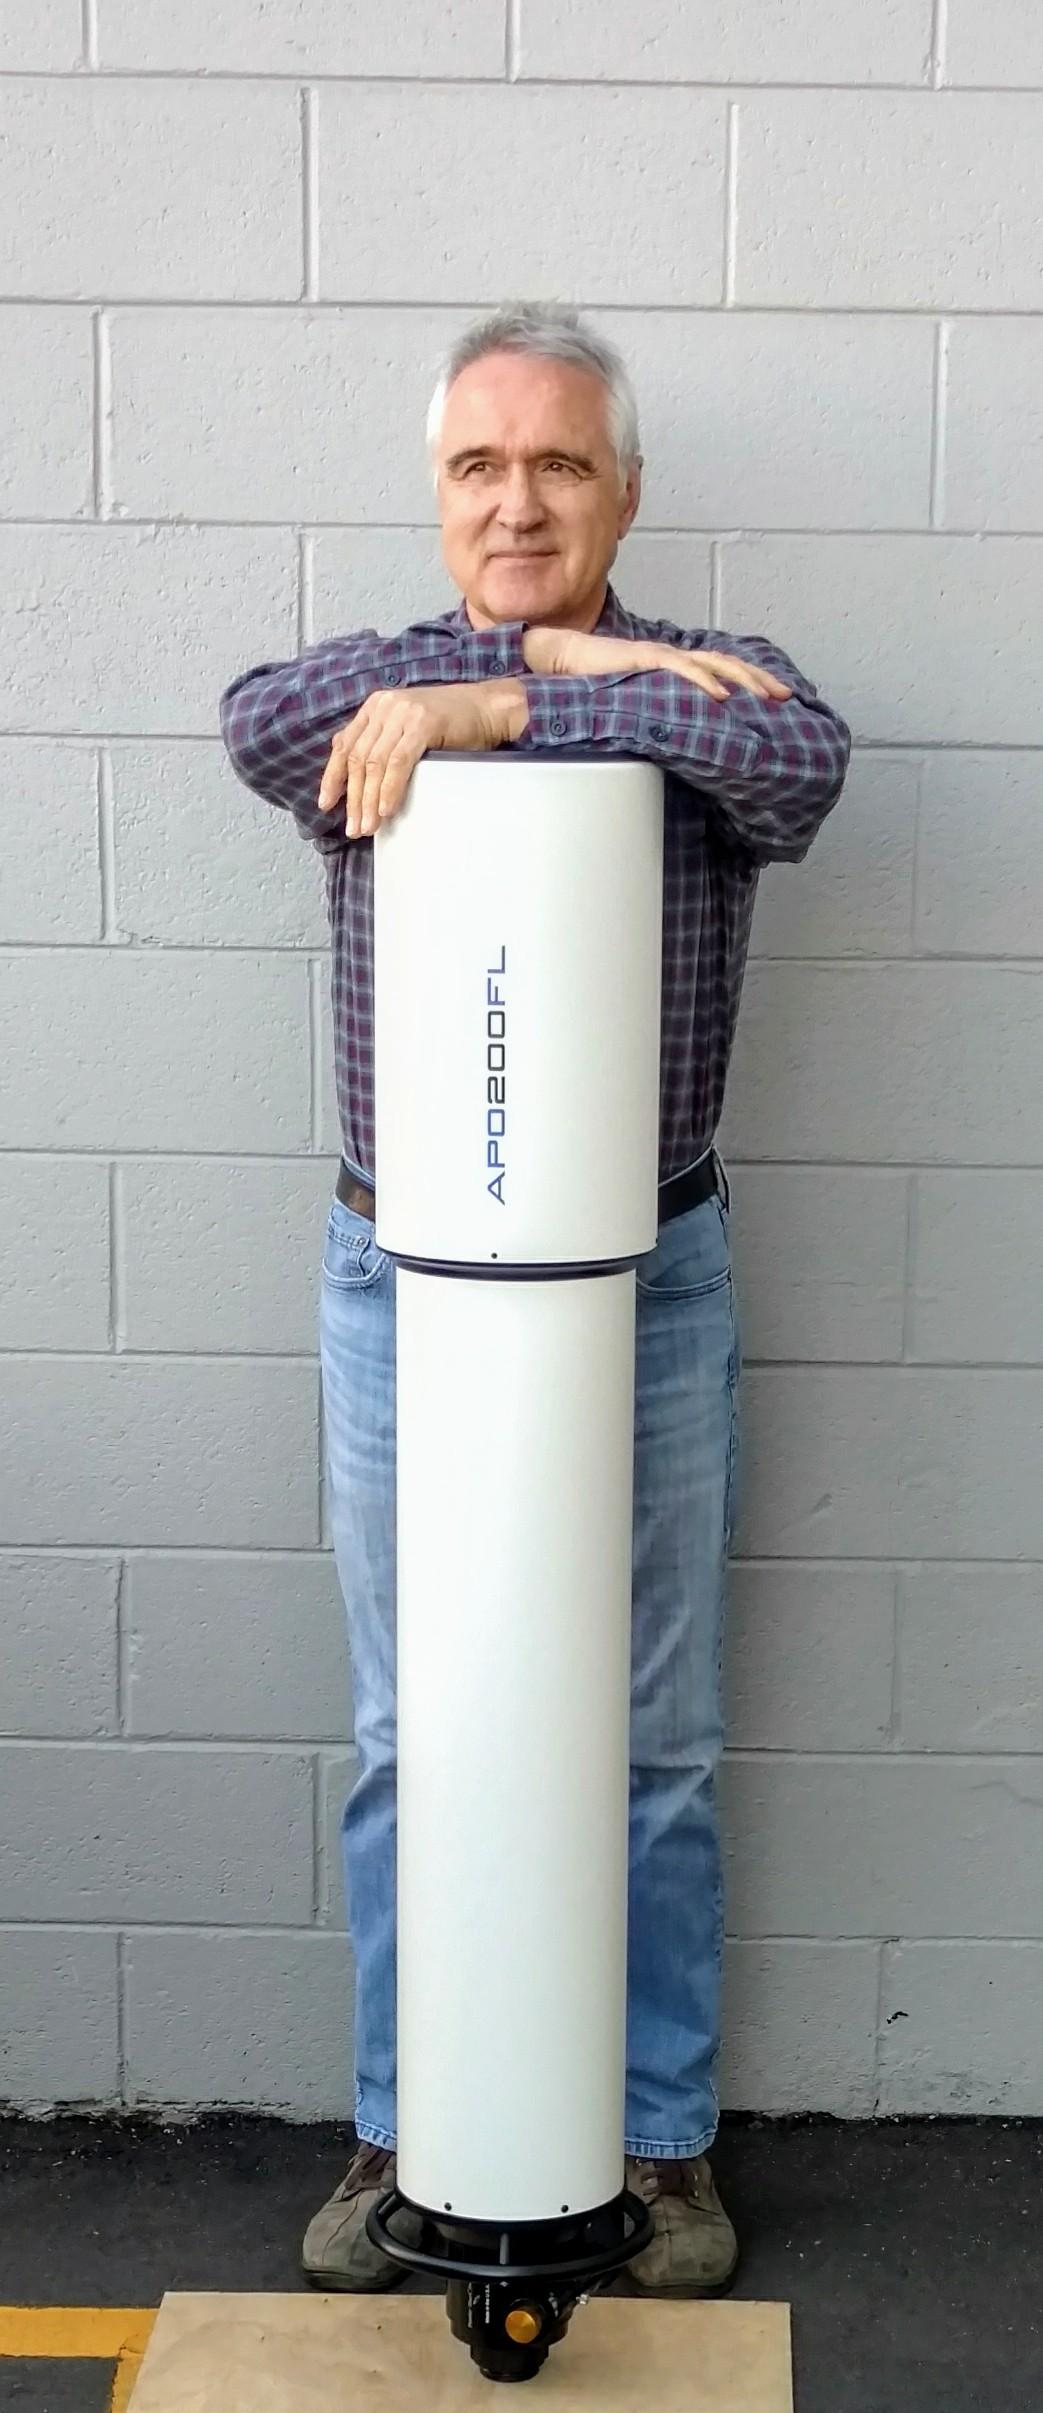 Yuri Petrunin (183 cm tall) with a TEC APO 200 FL